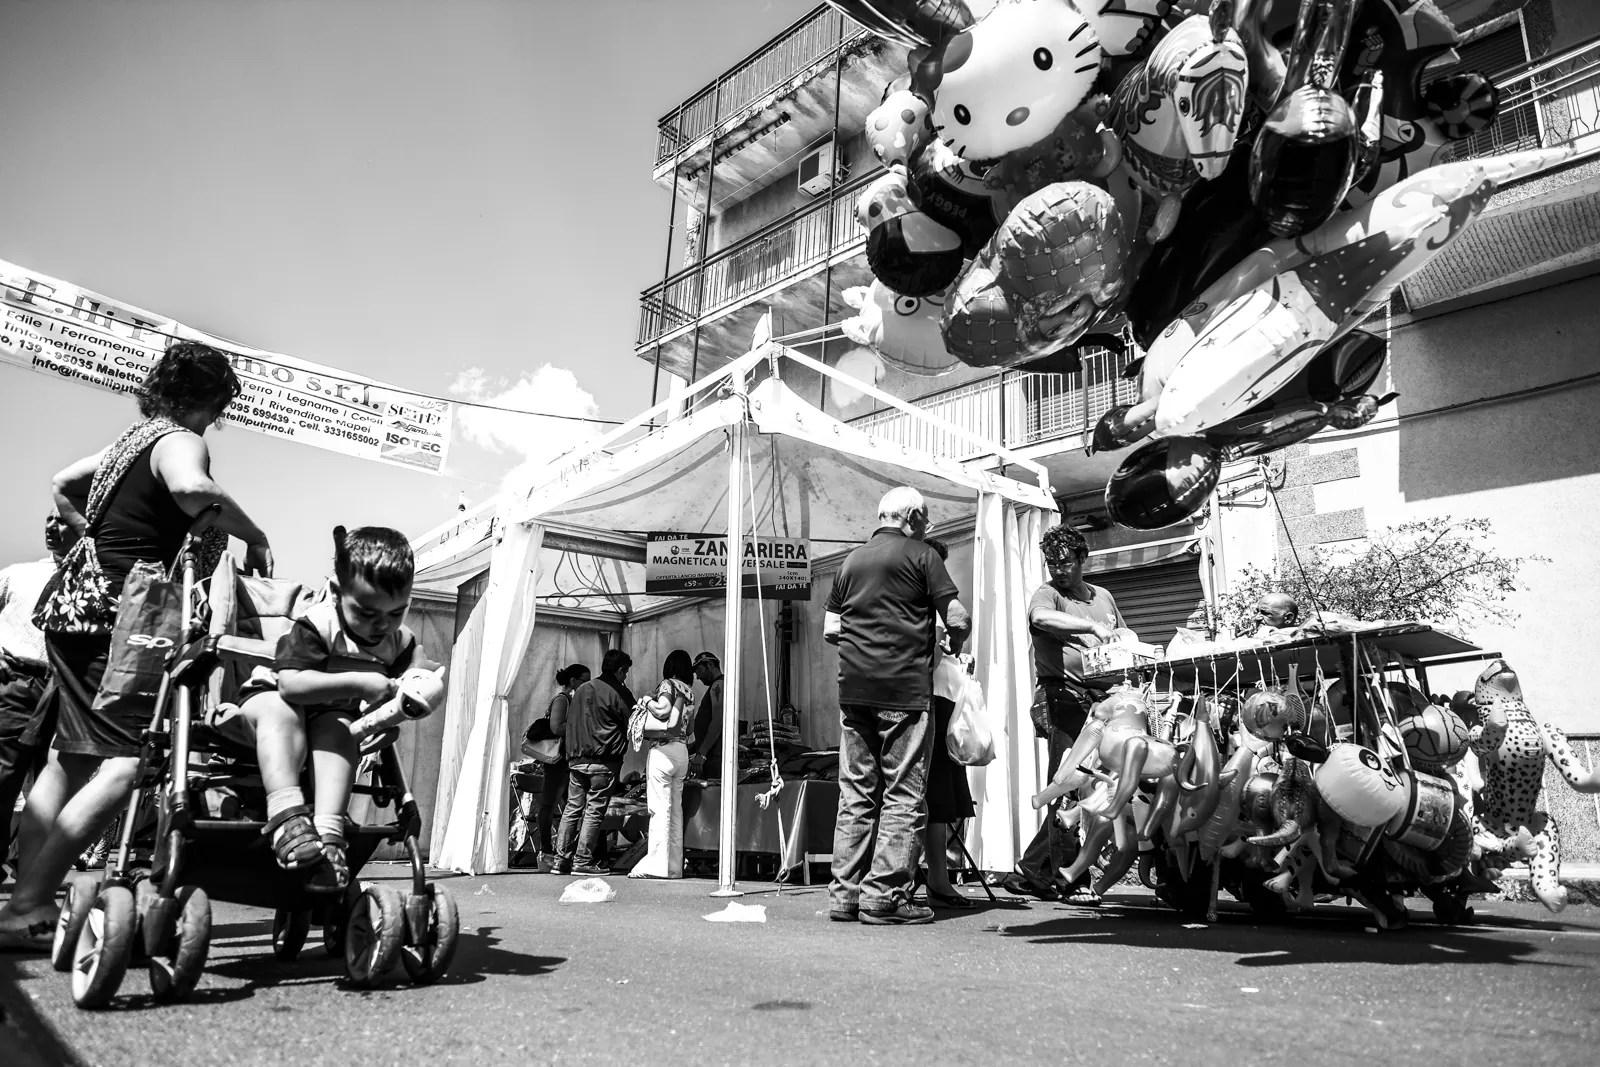 DSCF0731 - Un Giorno di festa - Sagra a Maletto [Street Photography] - fotostreet.it